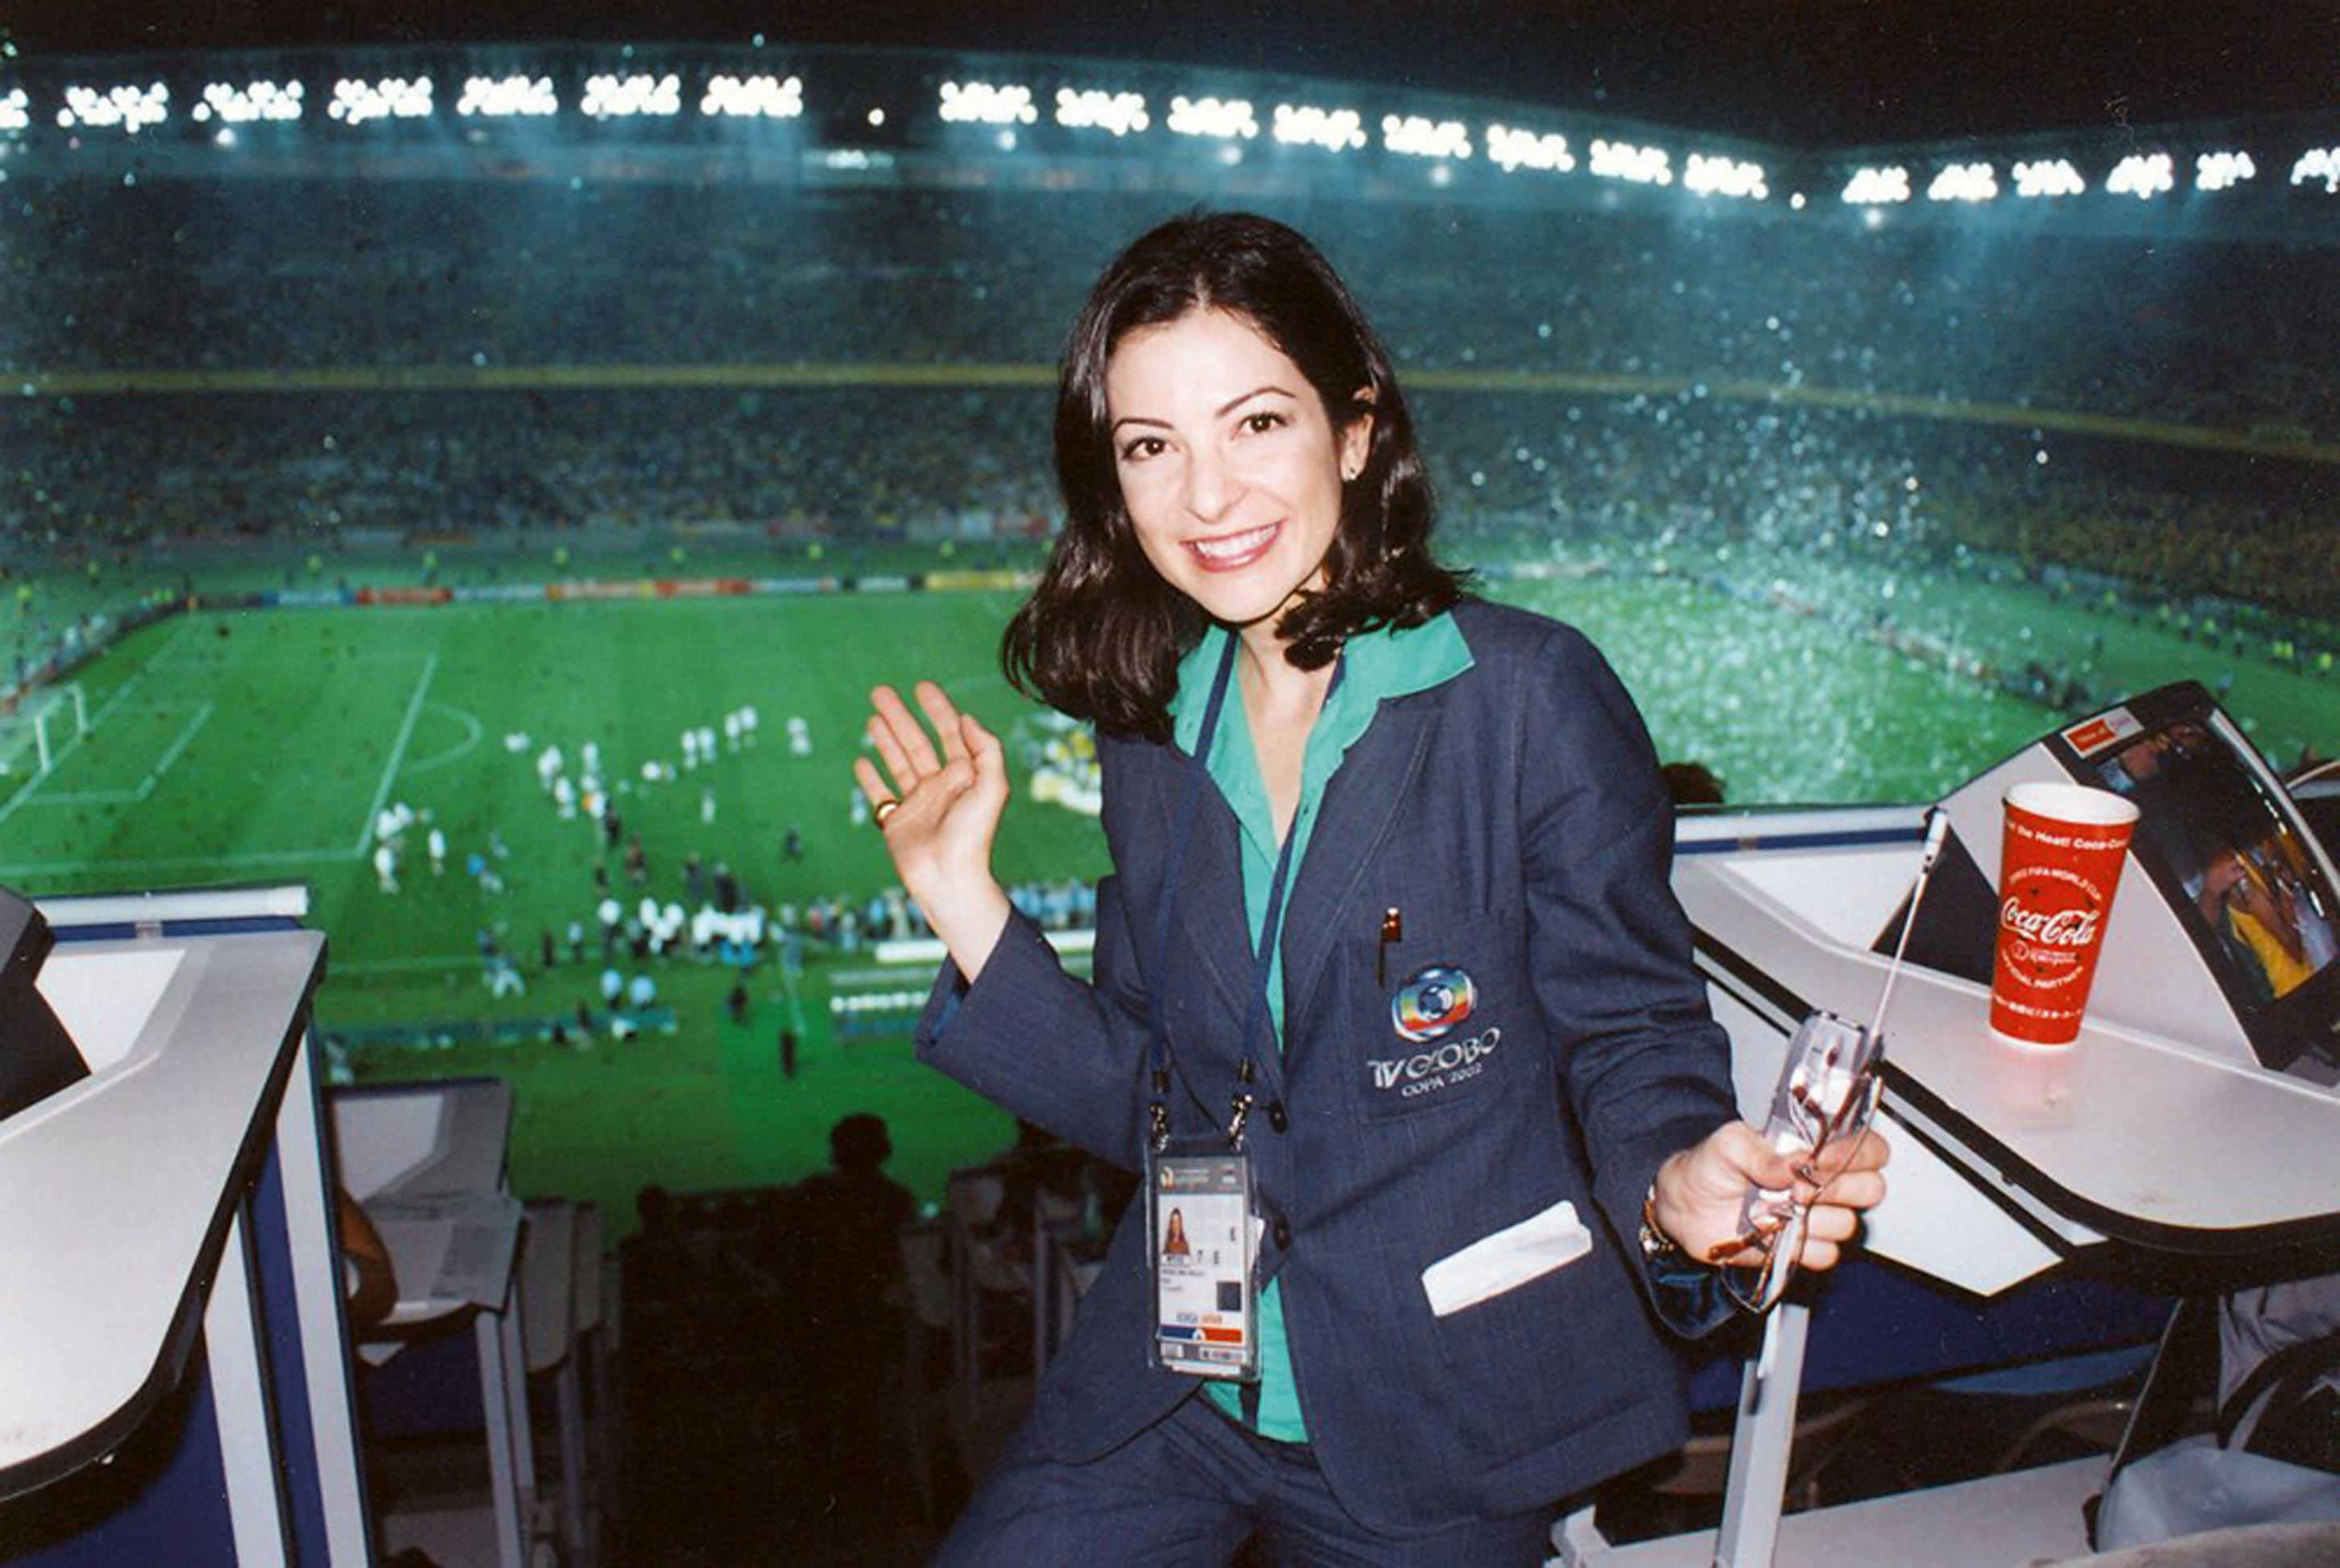 Em transmissão da final da Copa de 2002, no Japão, pela Globo